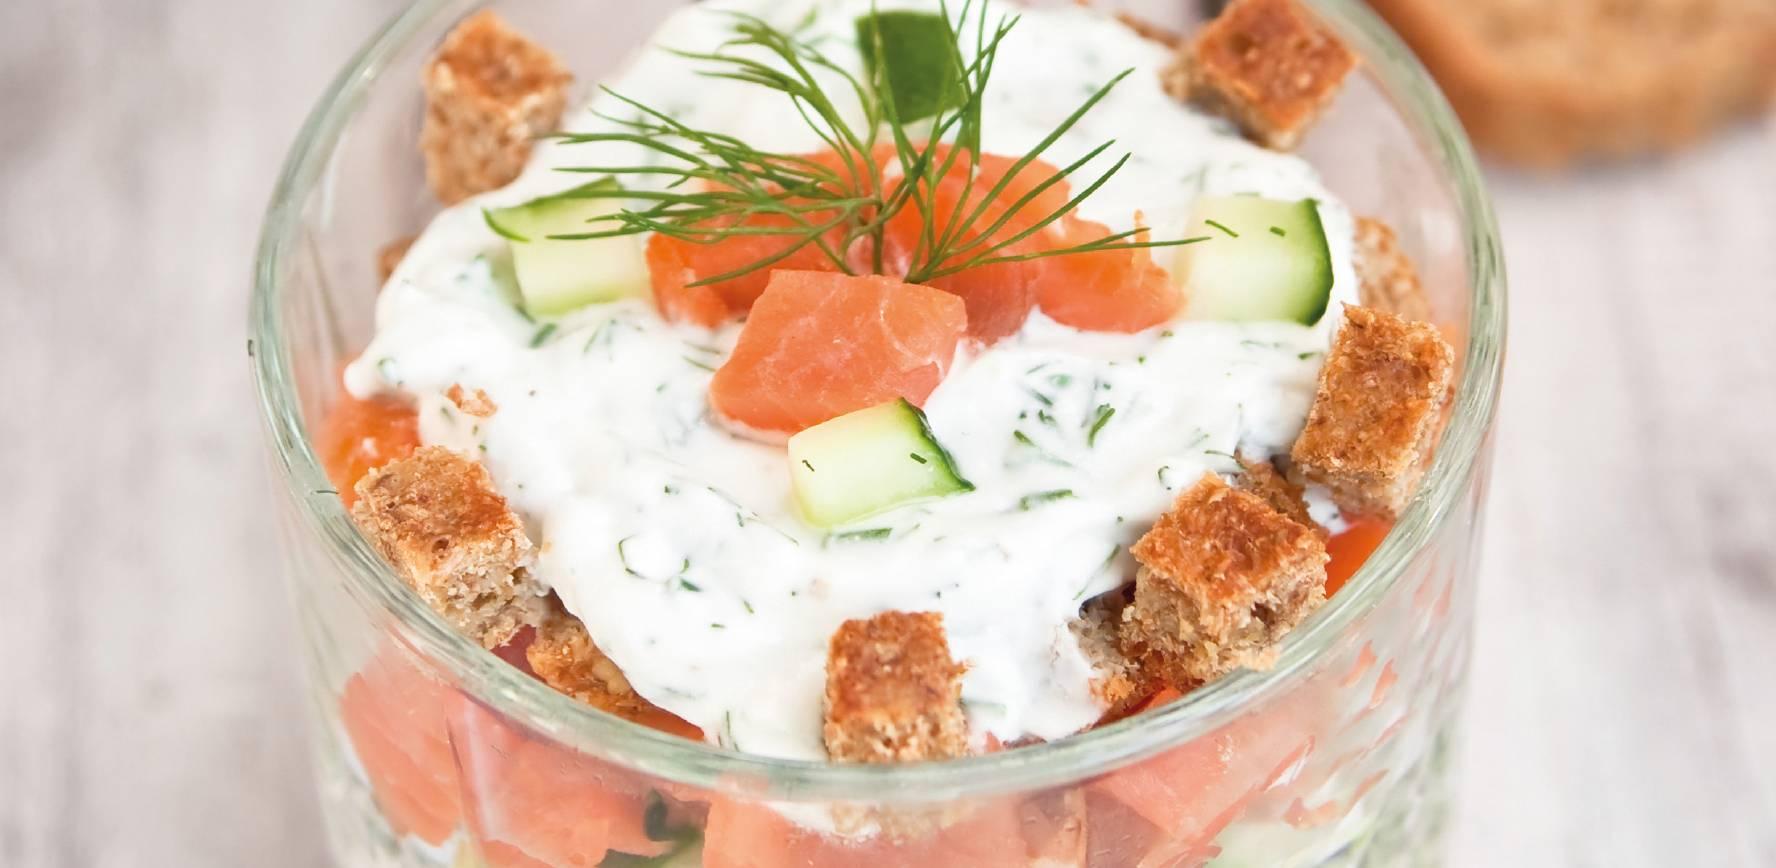 Mes Recettes facile express rapide image verrine fromage frais saumon concombre ciboulette